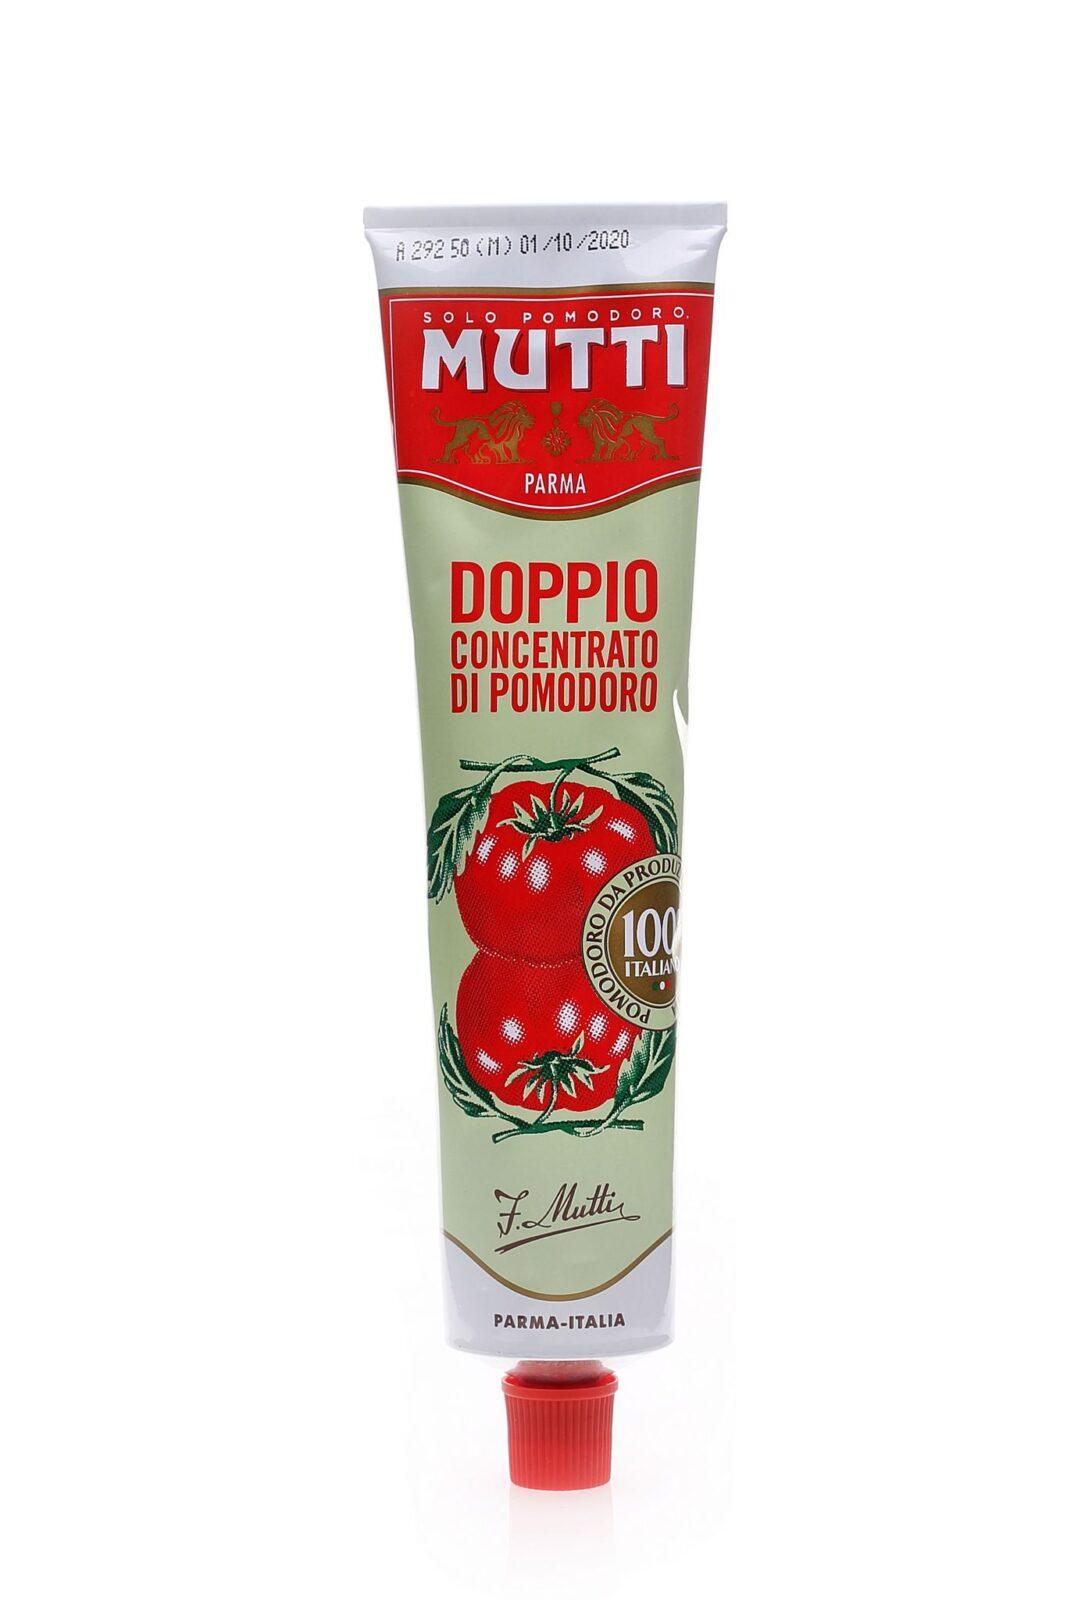 MUTTI DOPPIO CONCENTRATO DI POMODORO KONCENTRAT 130g